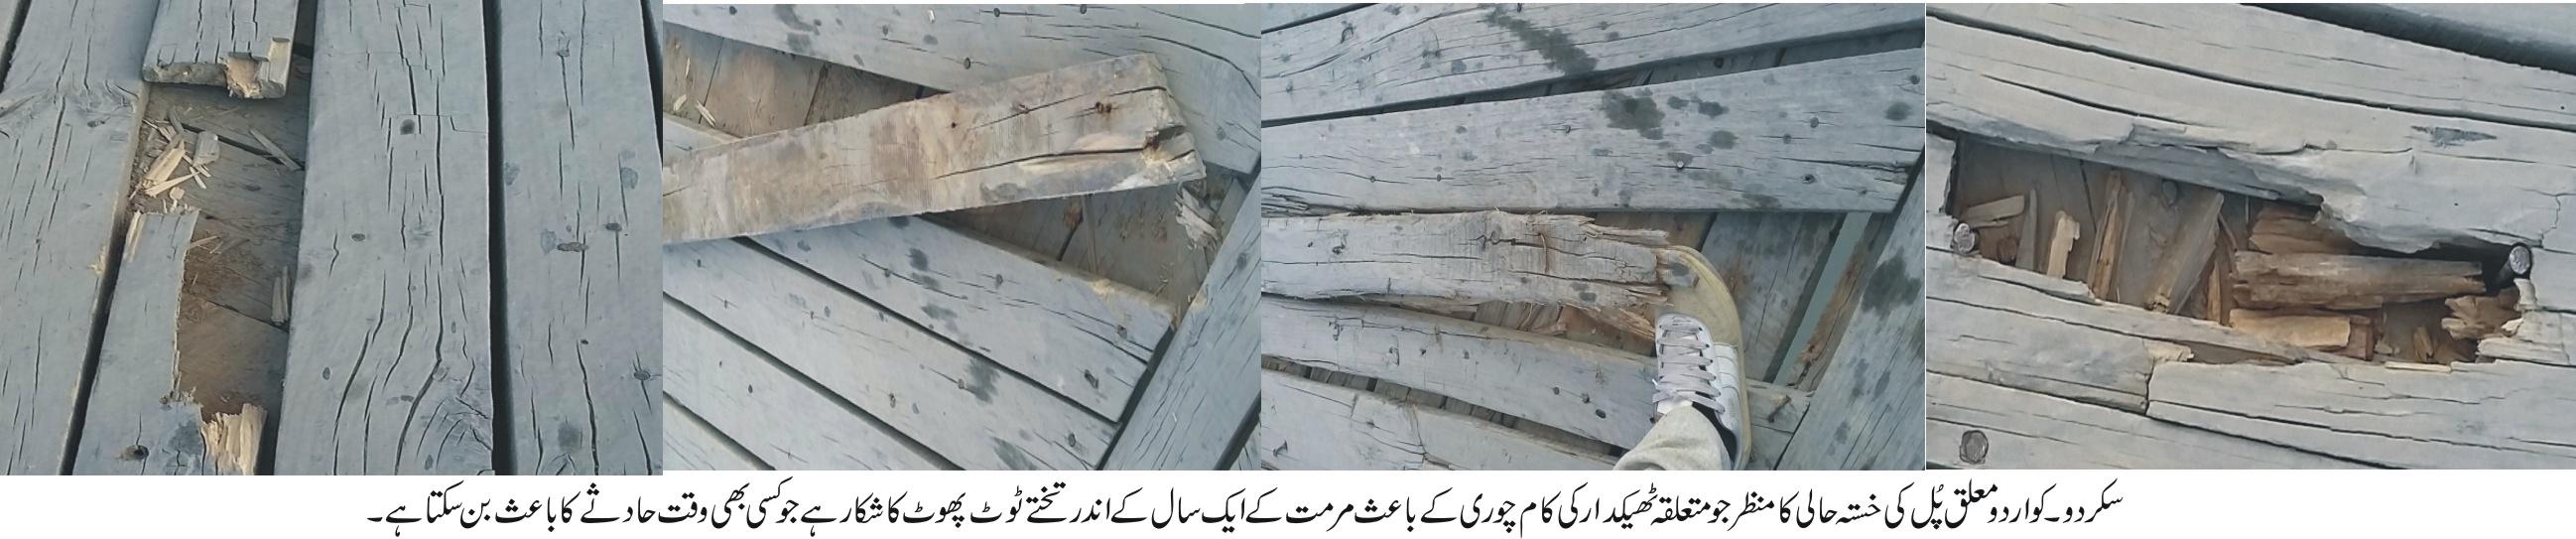 سکردو، کواردو پل کی تعمیر میں 26 لاکھ روپوں کے کرپشن کا انکشاف